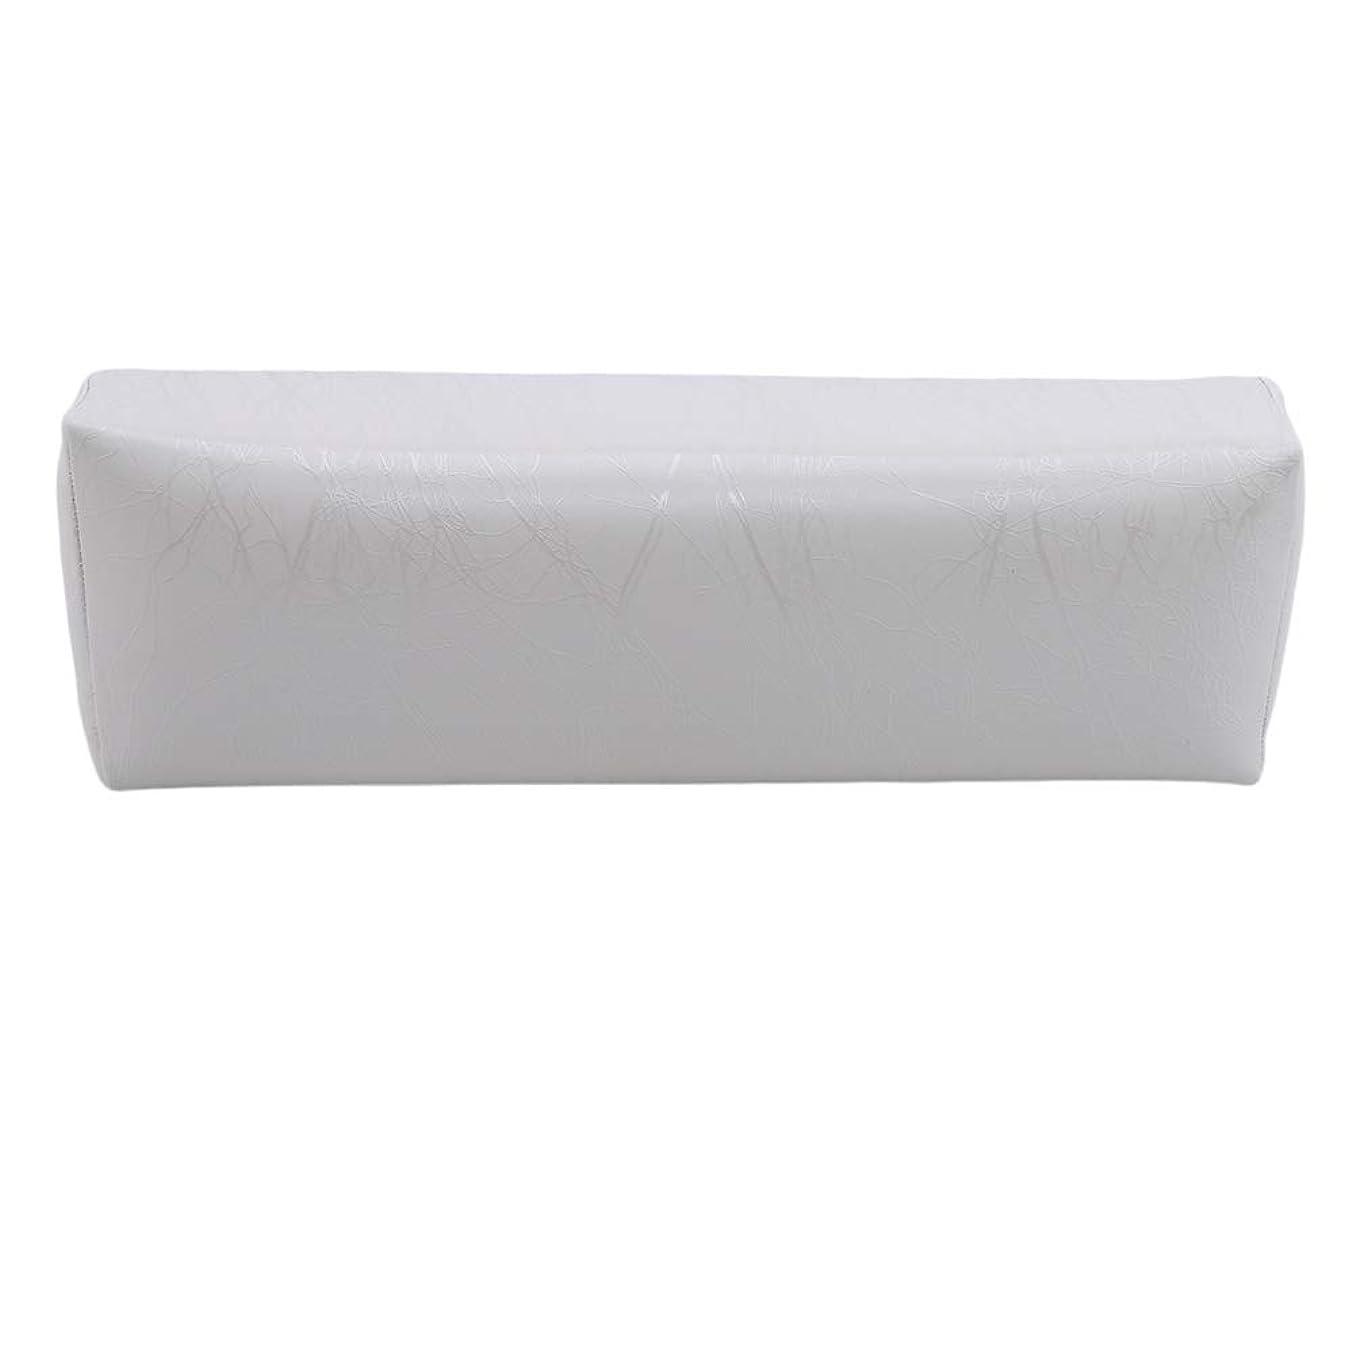 言うまでもなくピボット危機HKUN プロのネイルアートツール ケアツール 洗える 手枕クッション ネイルアートホルダー ソフトアームレスト用 ネイルケア用 マニキュアネイル用品 白色